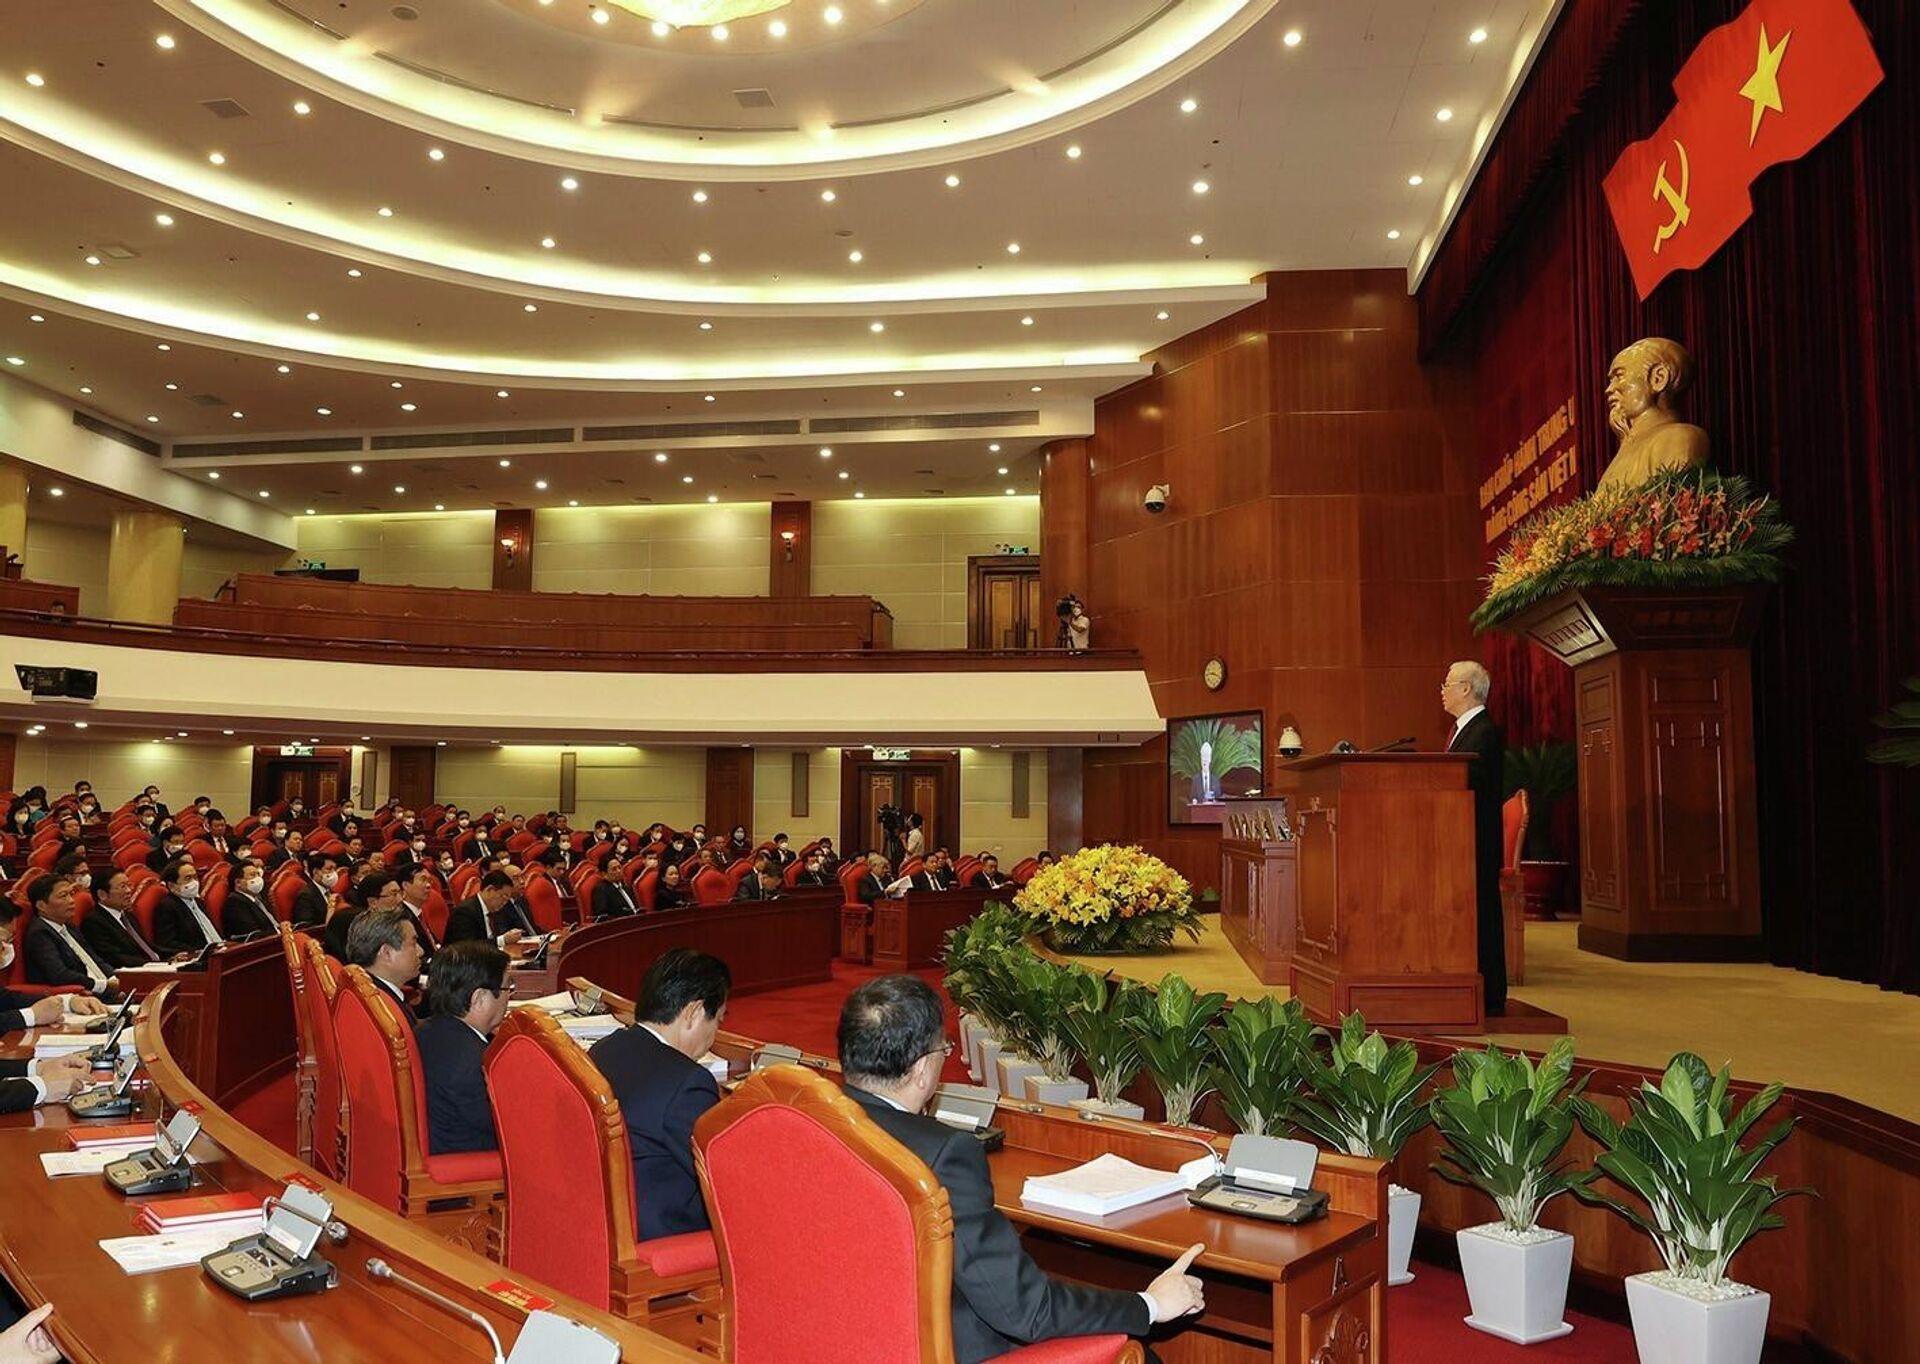 Tổng Bí thư Nguyễn Phú Trọng phát biểu bế mạc Hội nghị lần thứ tư Ban Chấp hành Trung ương Đảng khóa XIII - Sputnik Việt Nam, 1920, 07.10.2021